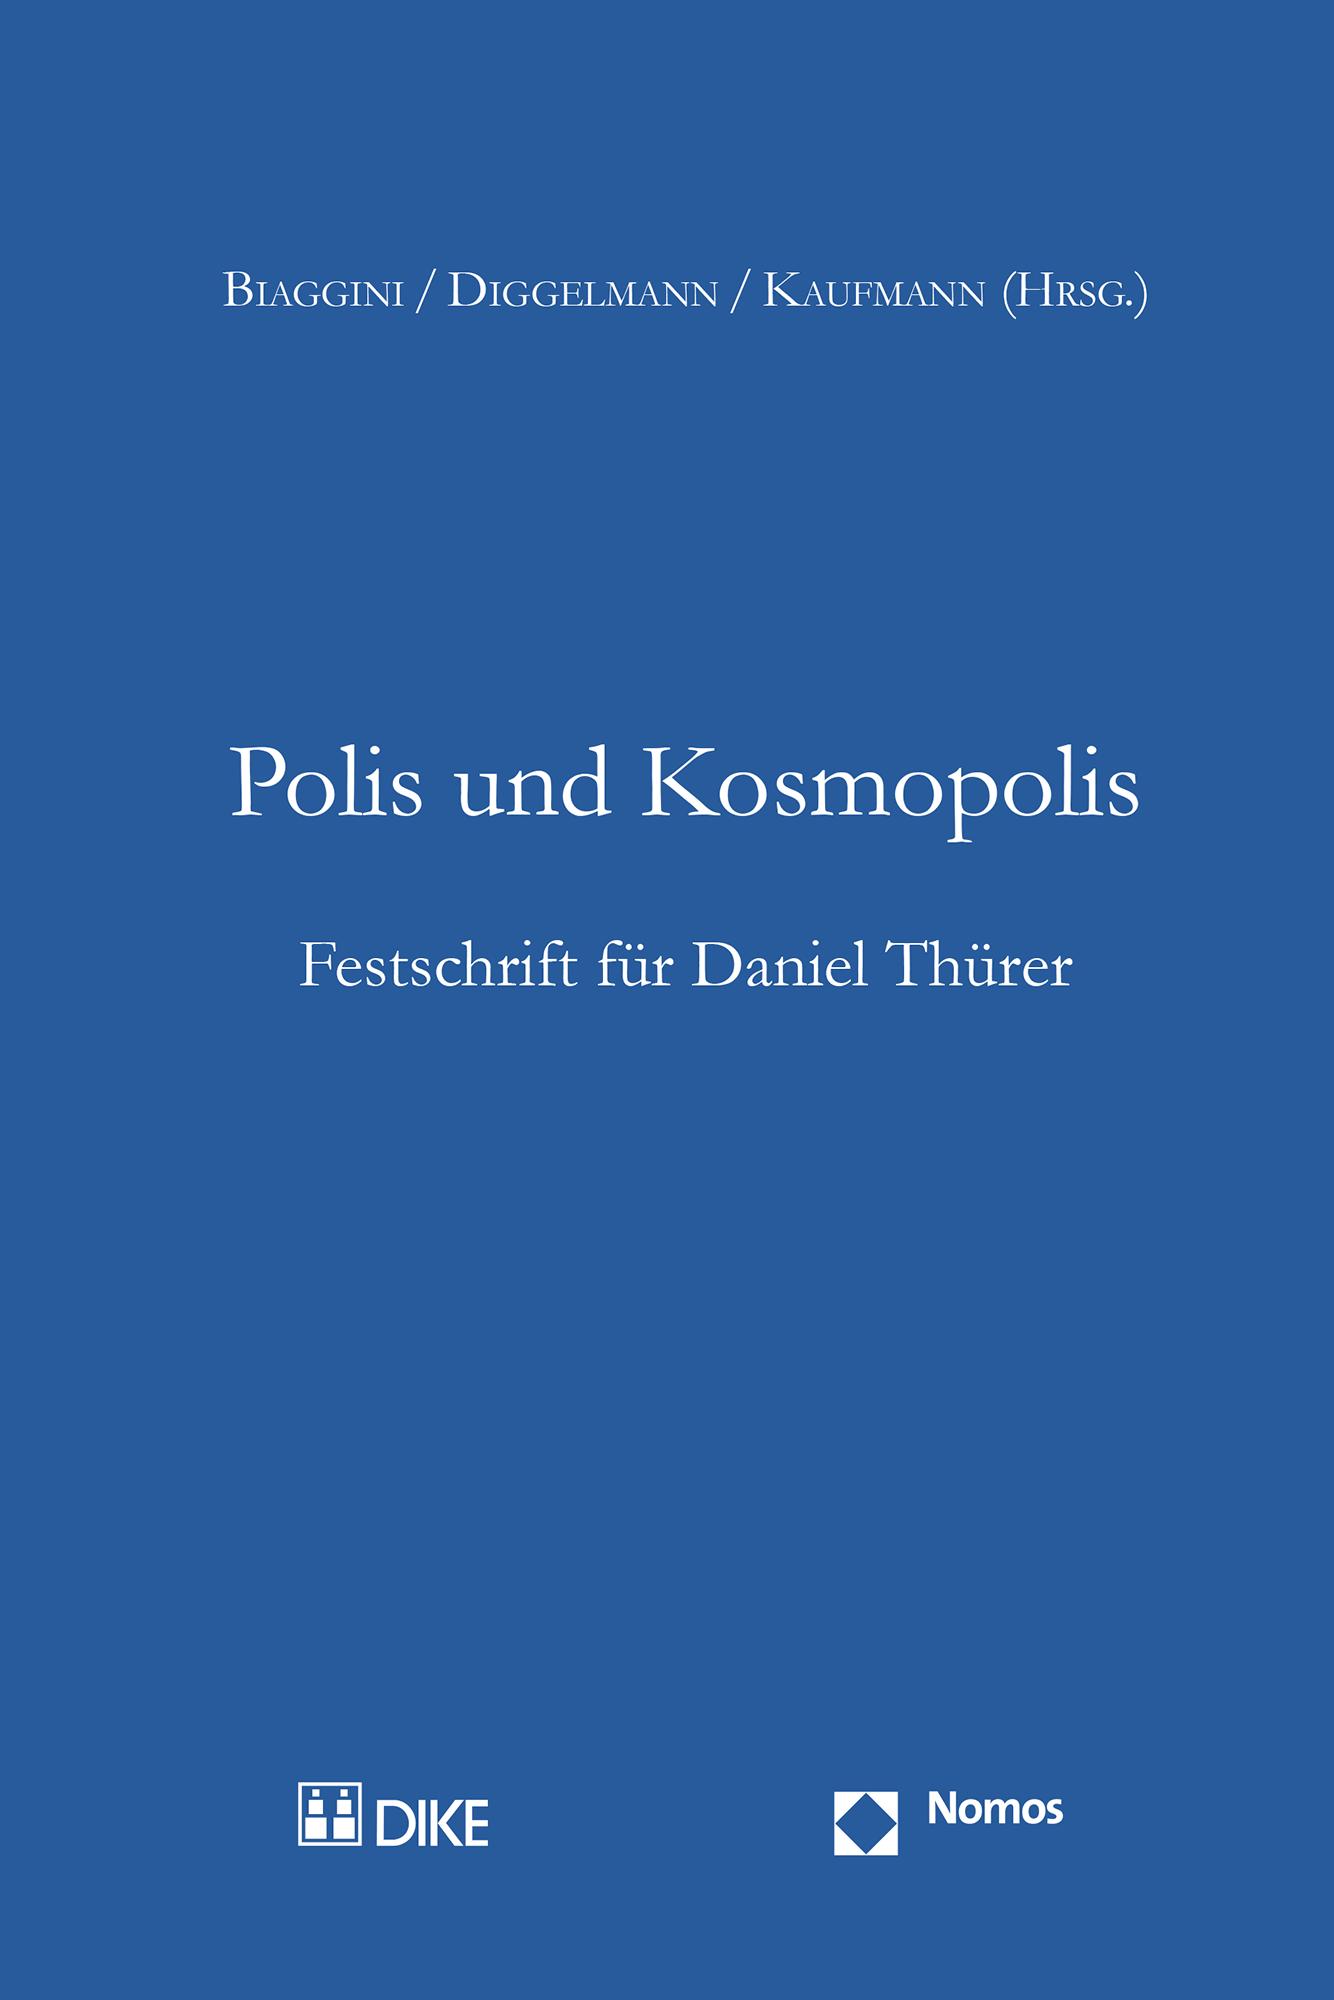 Polis und Kosmopolis